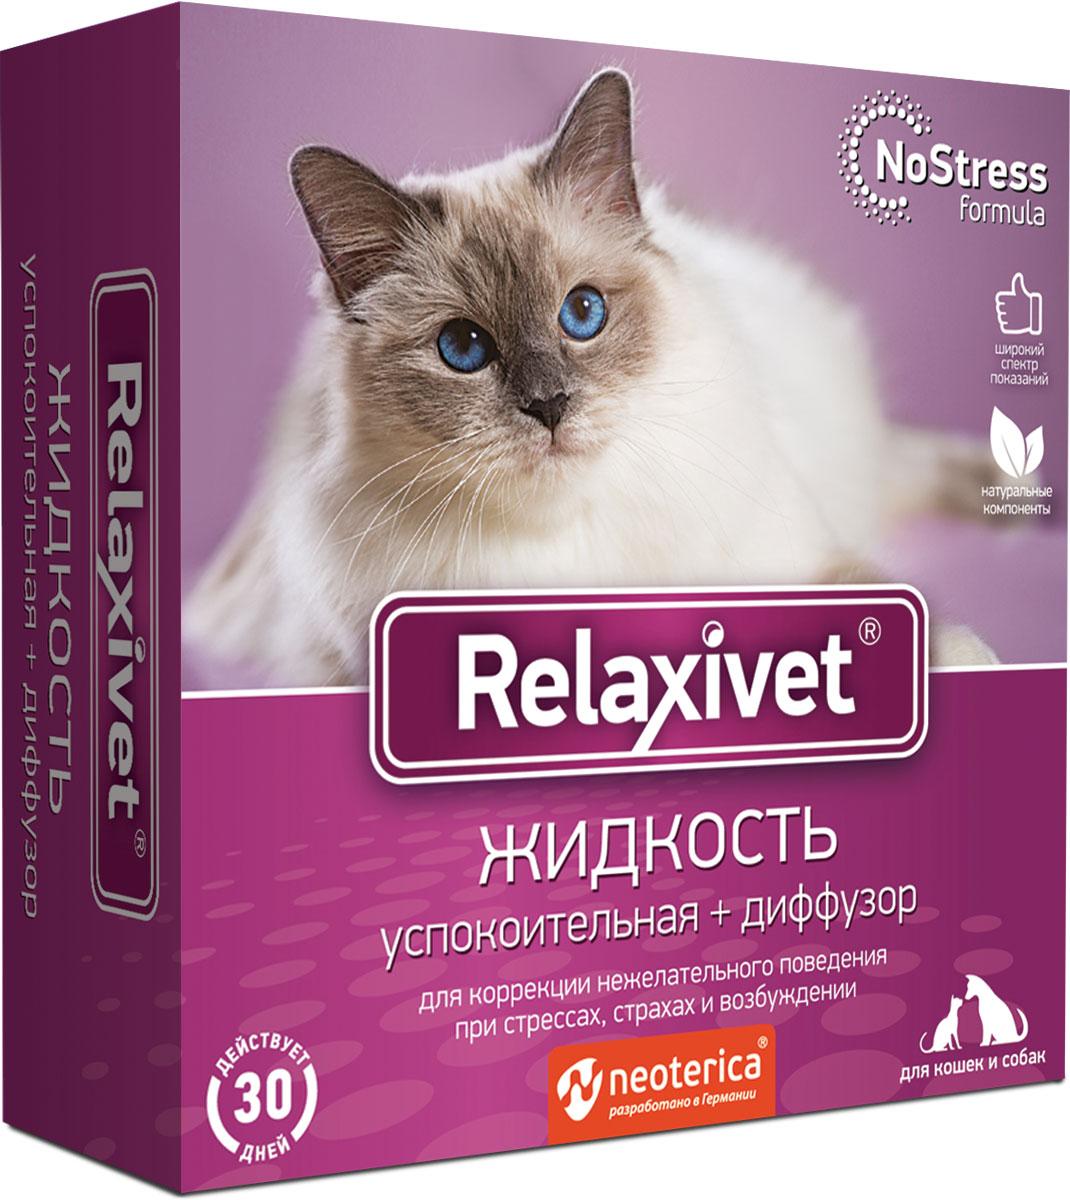 Жидкость успокоительная Relaxivet для кошек и собак, с диффузором, 45 мл